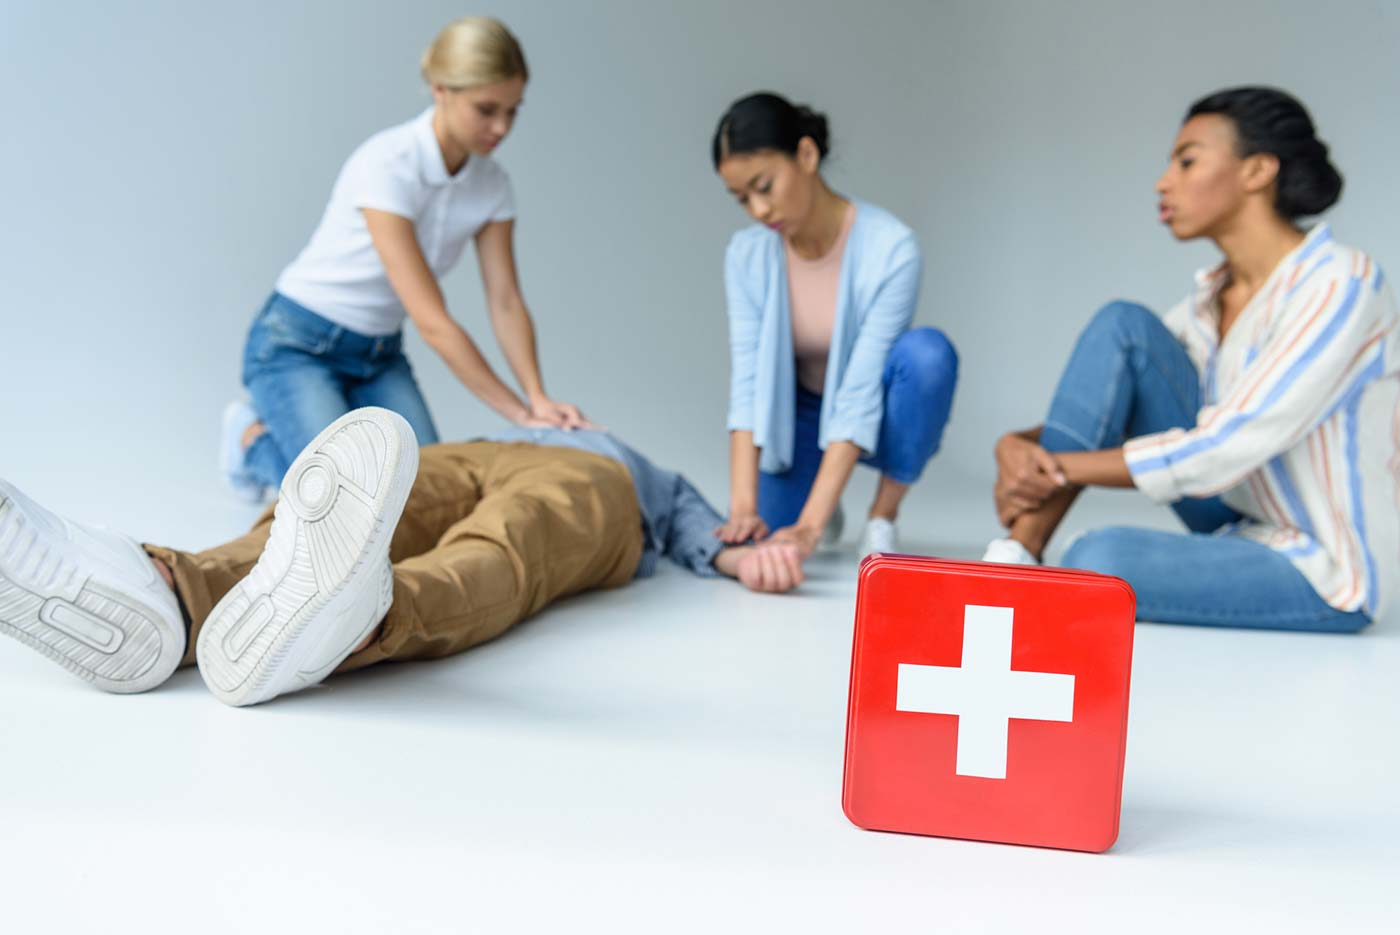 أهم ما يلزم لعمل صيدلية إسعافات بالمنزل